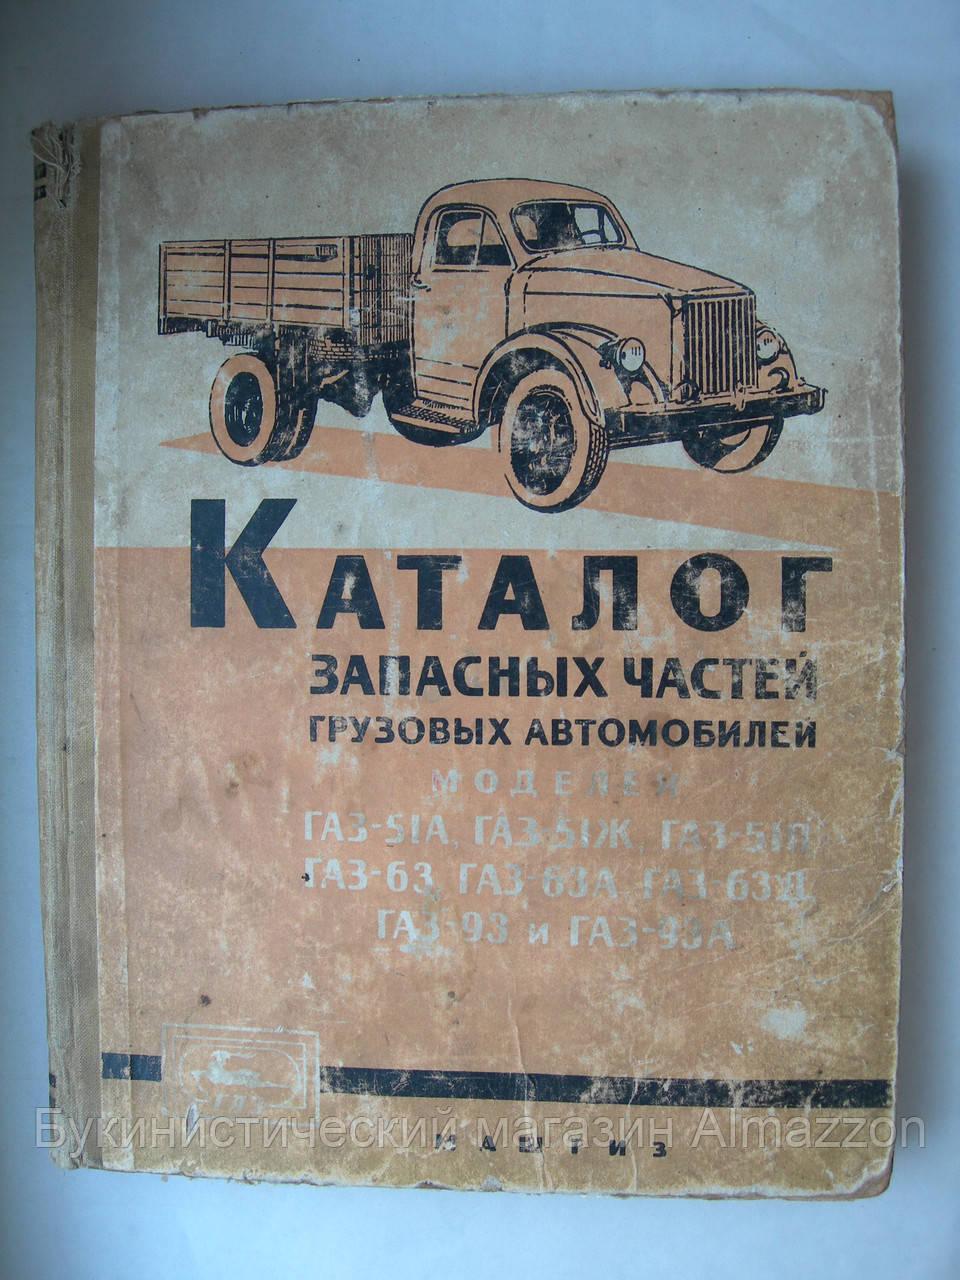 Каталог запасных частей грузовых автомобилей моделей ГАЗ-51А, ГАЗ-51Ж, ГАЗ-51П, ГАЗ-63, ГАЗ-63А, ГАЗ-63Д